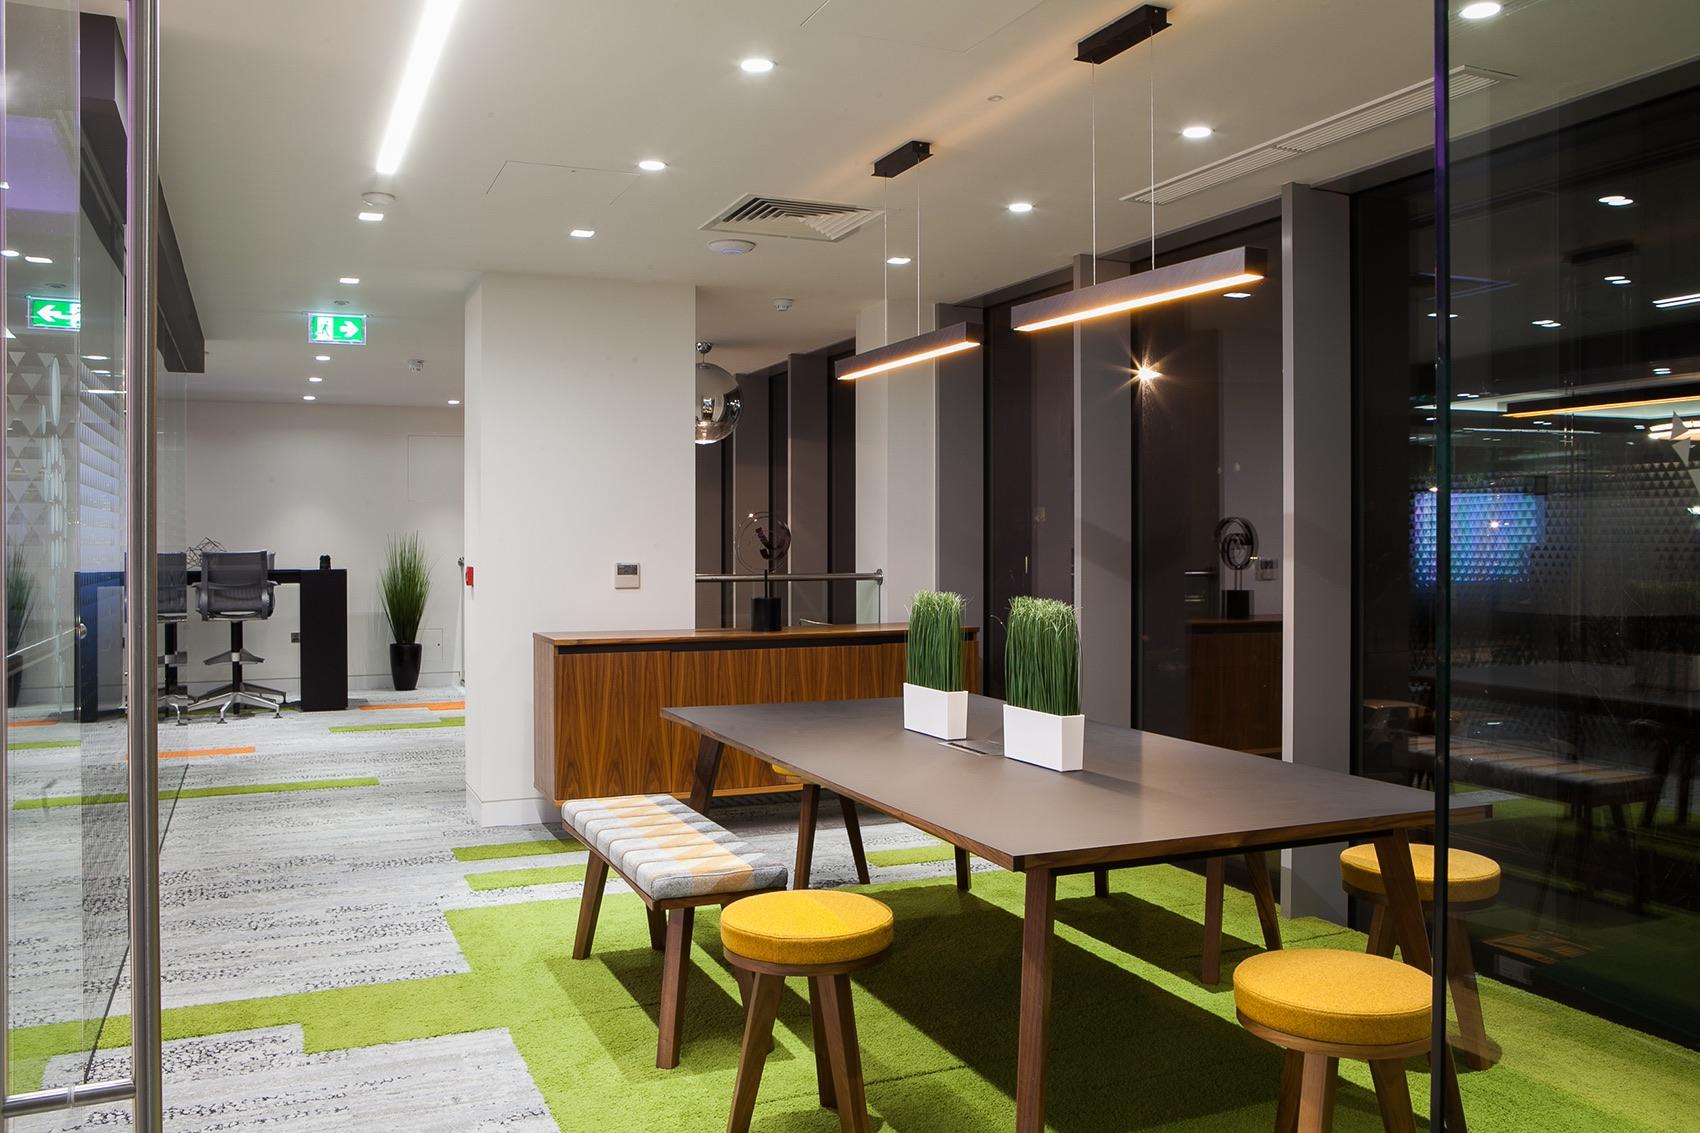 mdc-london-office-10